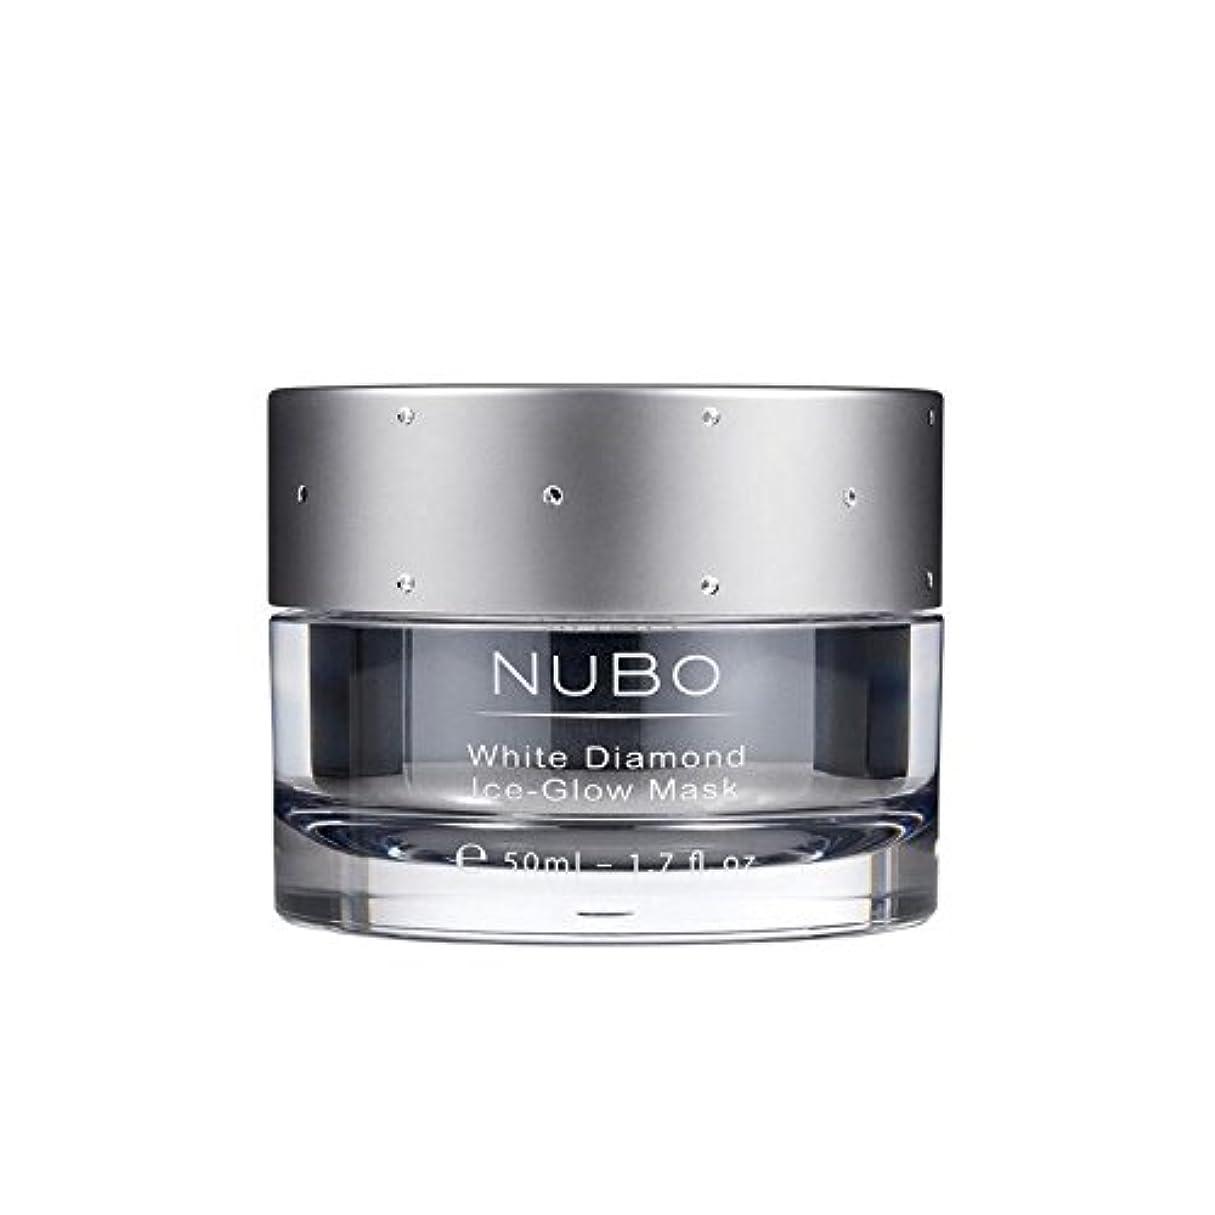 ヘクタール視力選択するNubo White Diamond Ice Glow Mask 50ml (Pack of 6) - 白いダイヤモンドの氷のグローマスク50ミリリットル x6 [並行輸入品]